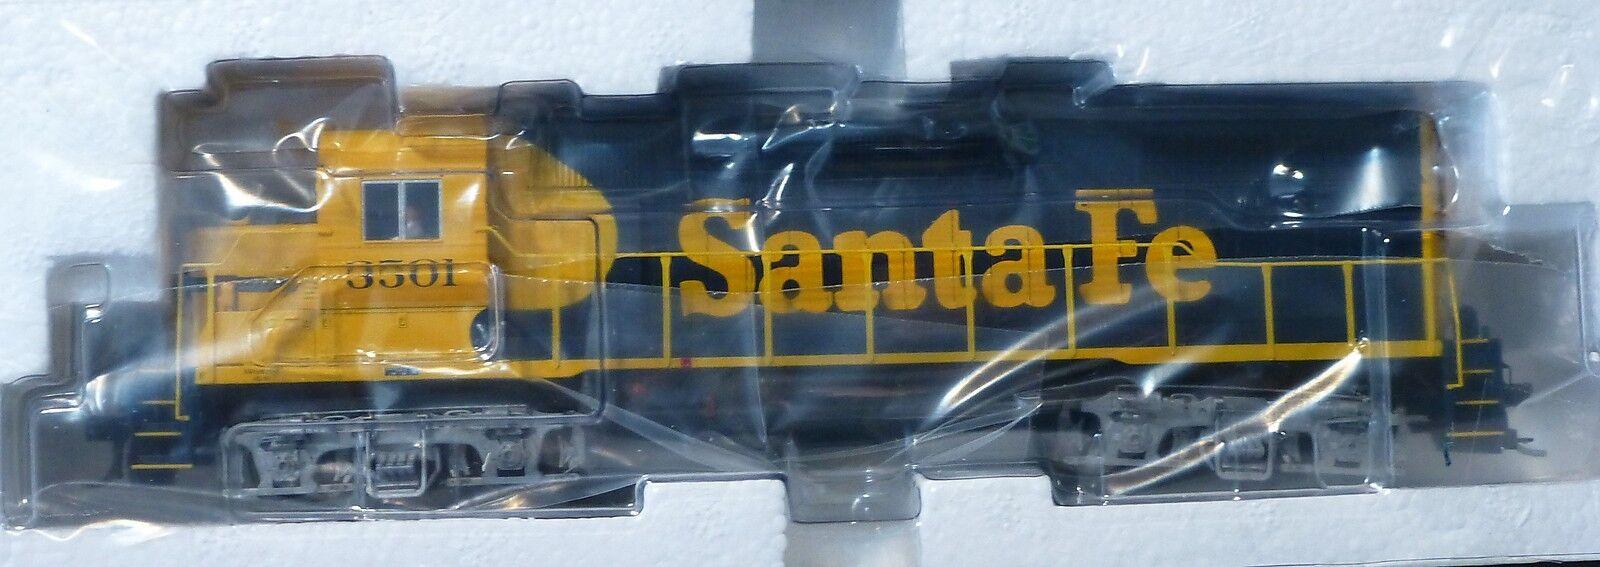 Atlas Ho   8961 Santa Fe Gp-38 Locomotora (Rd   3501) Decodificador Equipado